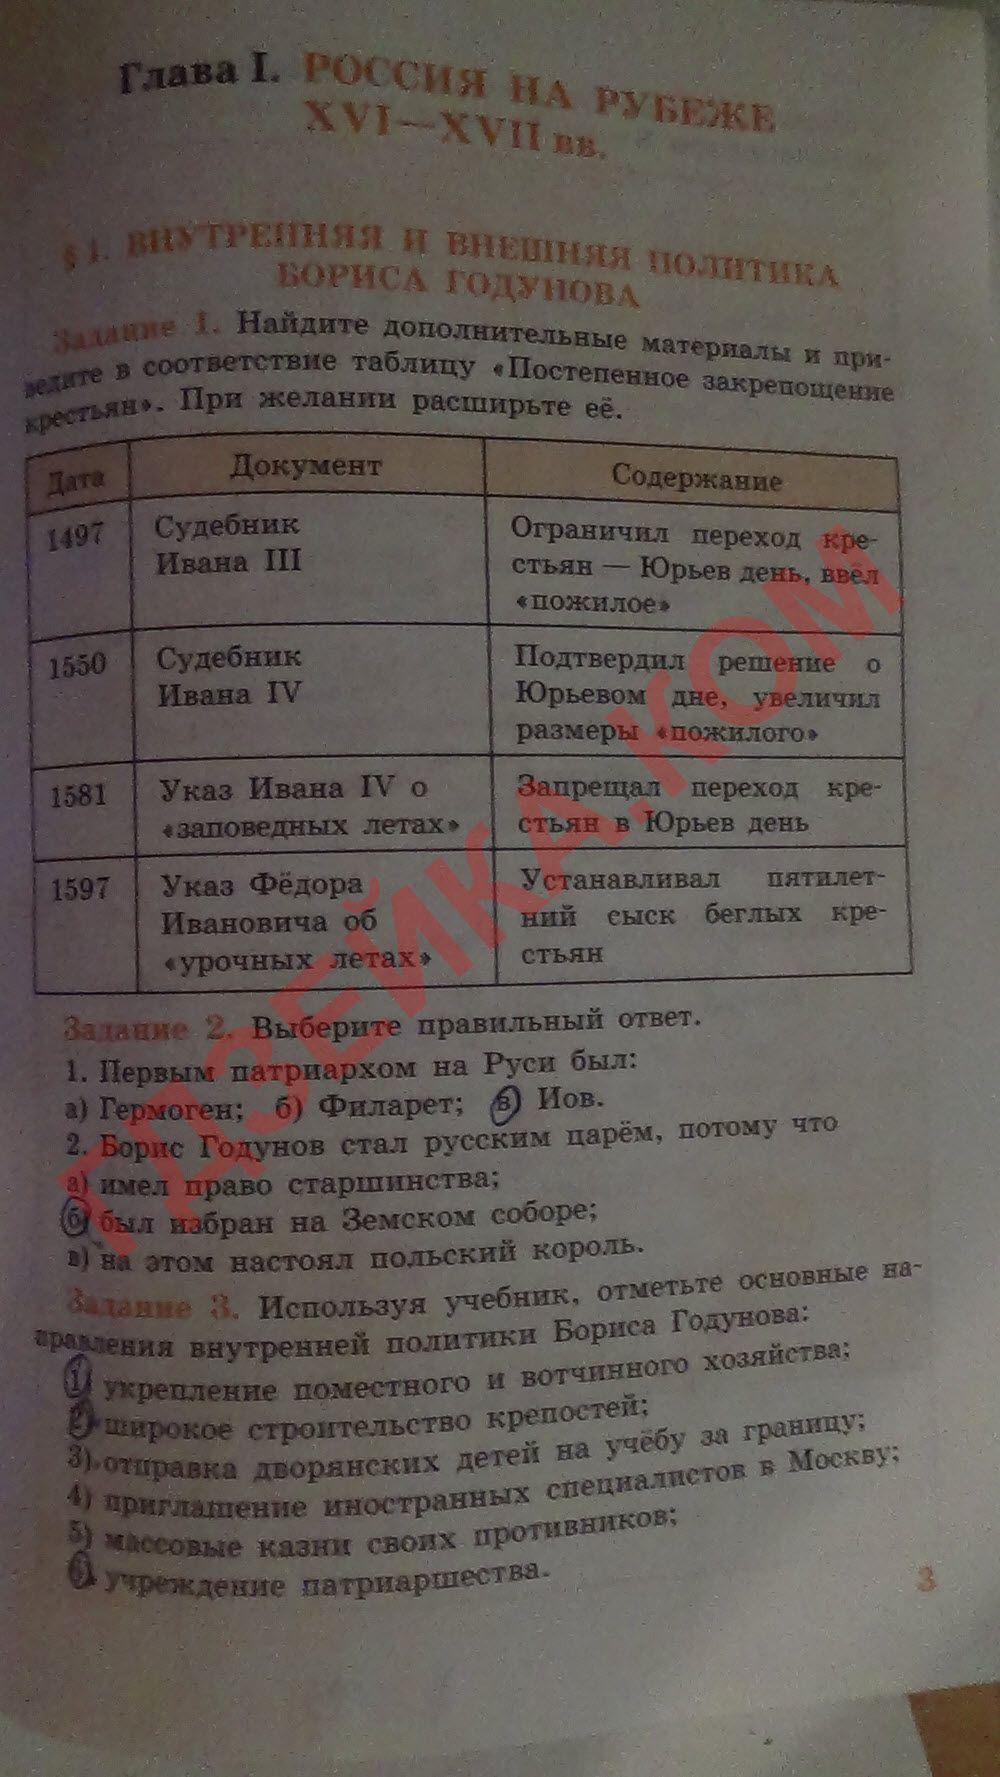 Гдз по новой истории 7 класс баранов ванюшкина таблица по 7-10 парагарфу